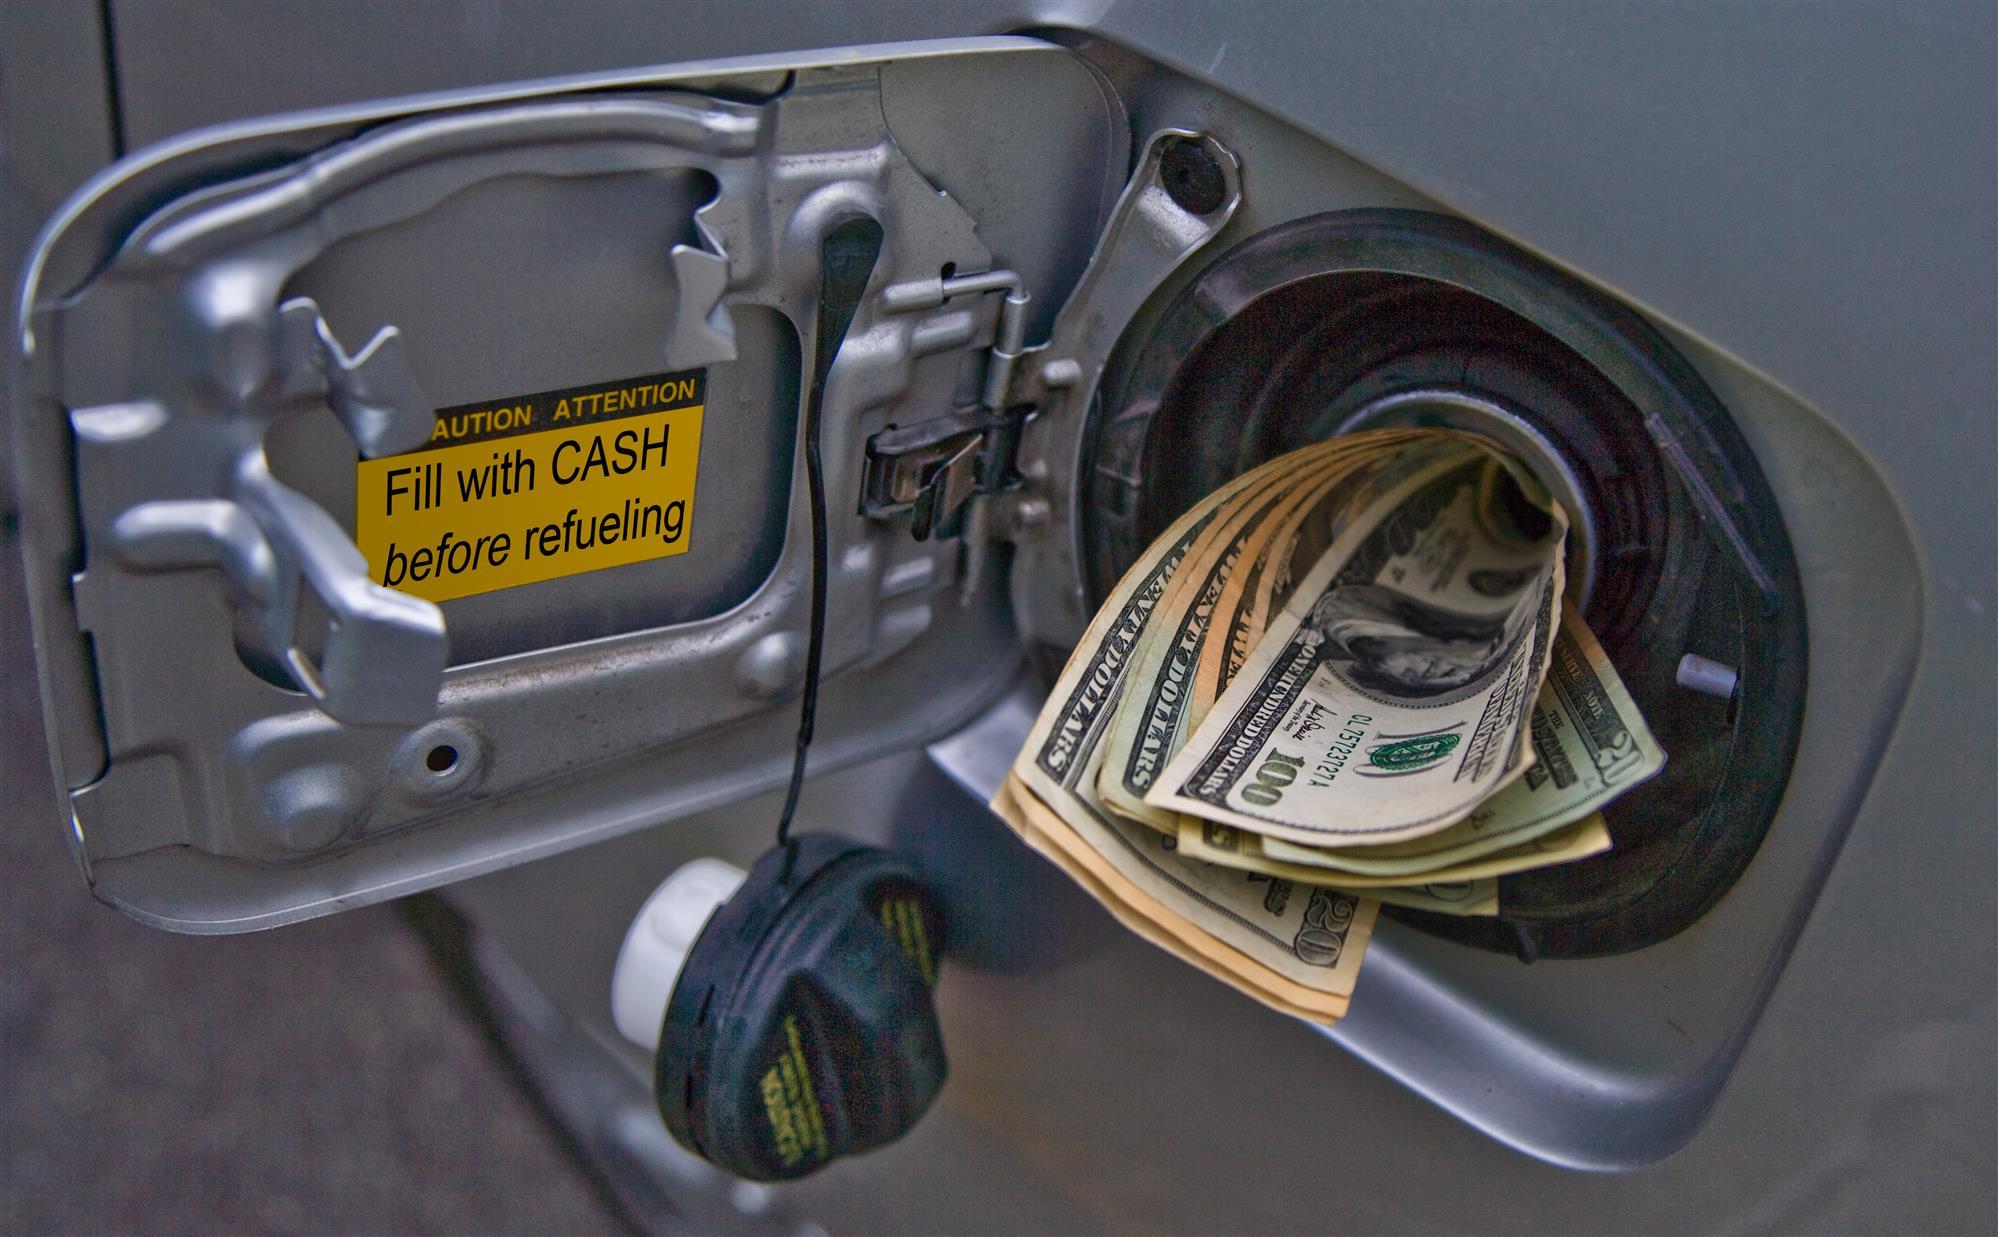 gas per mileage